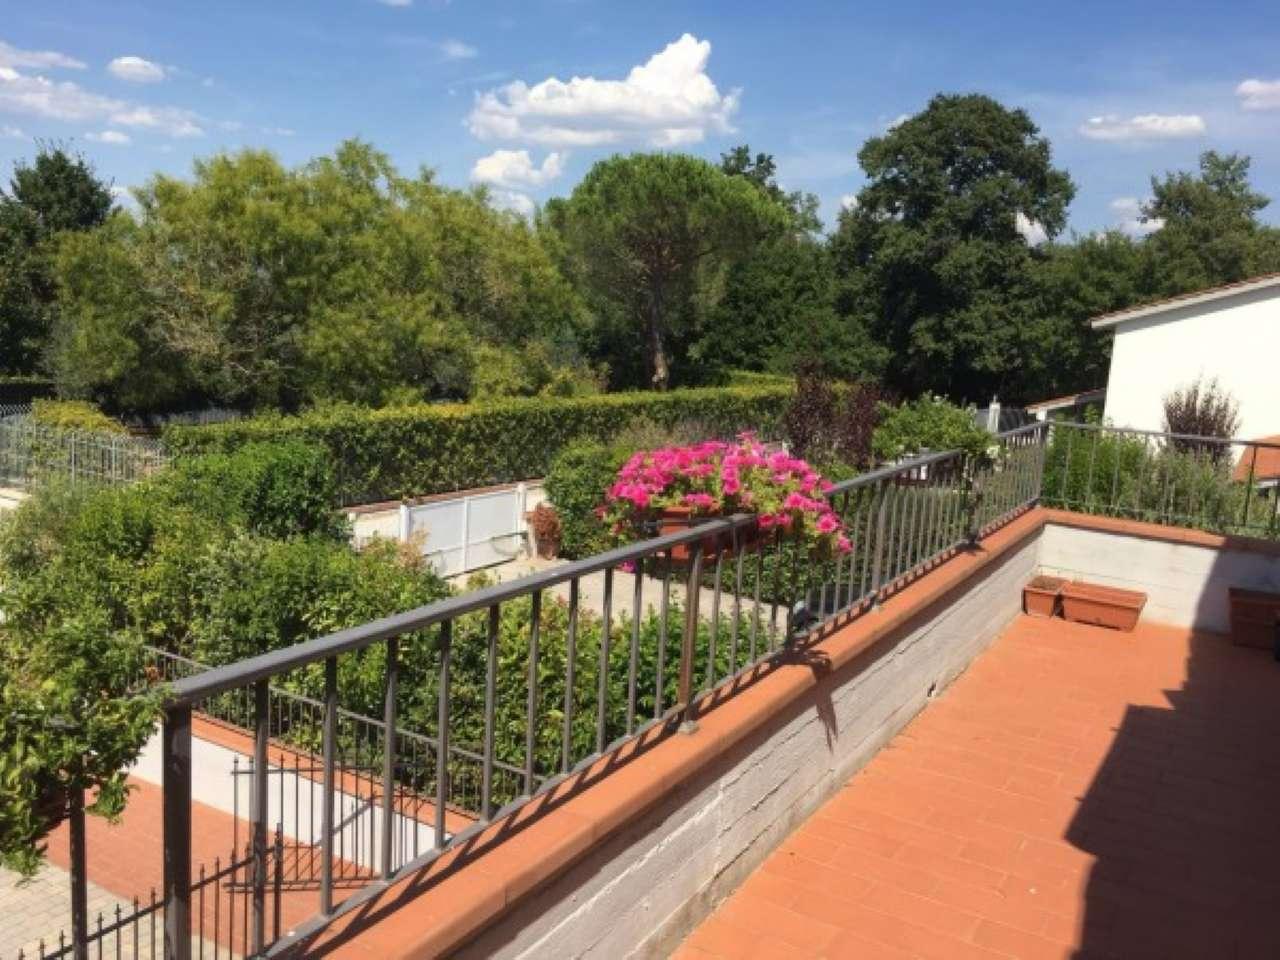 Palazzo / Stabile in vendita a Montelupo Fiorentino, 9999 locali, prezzo € 539.000 | CambioCasa.it